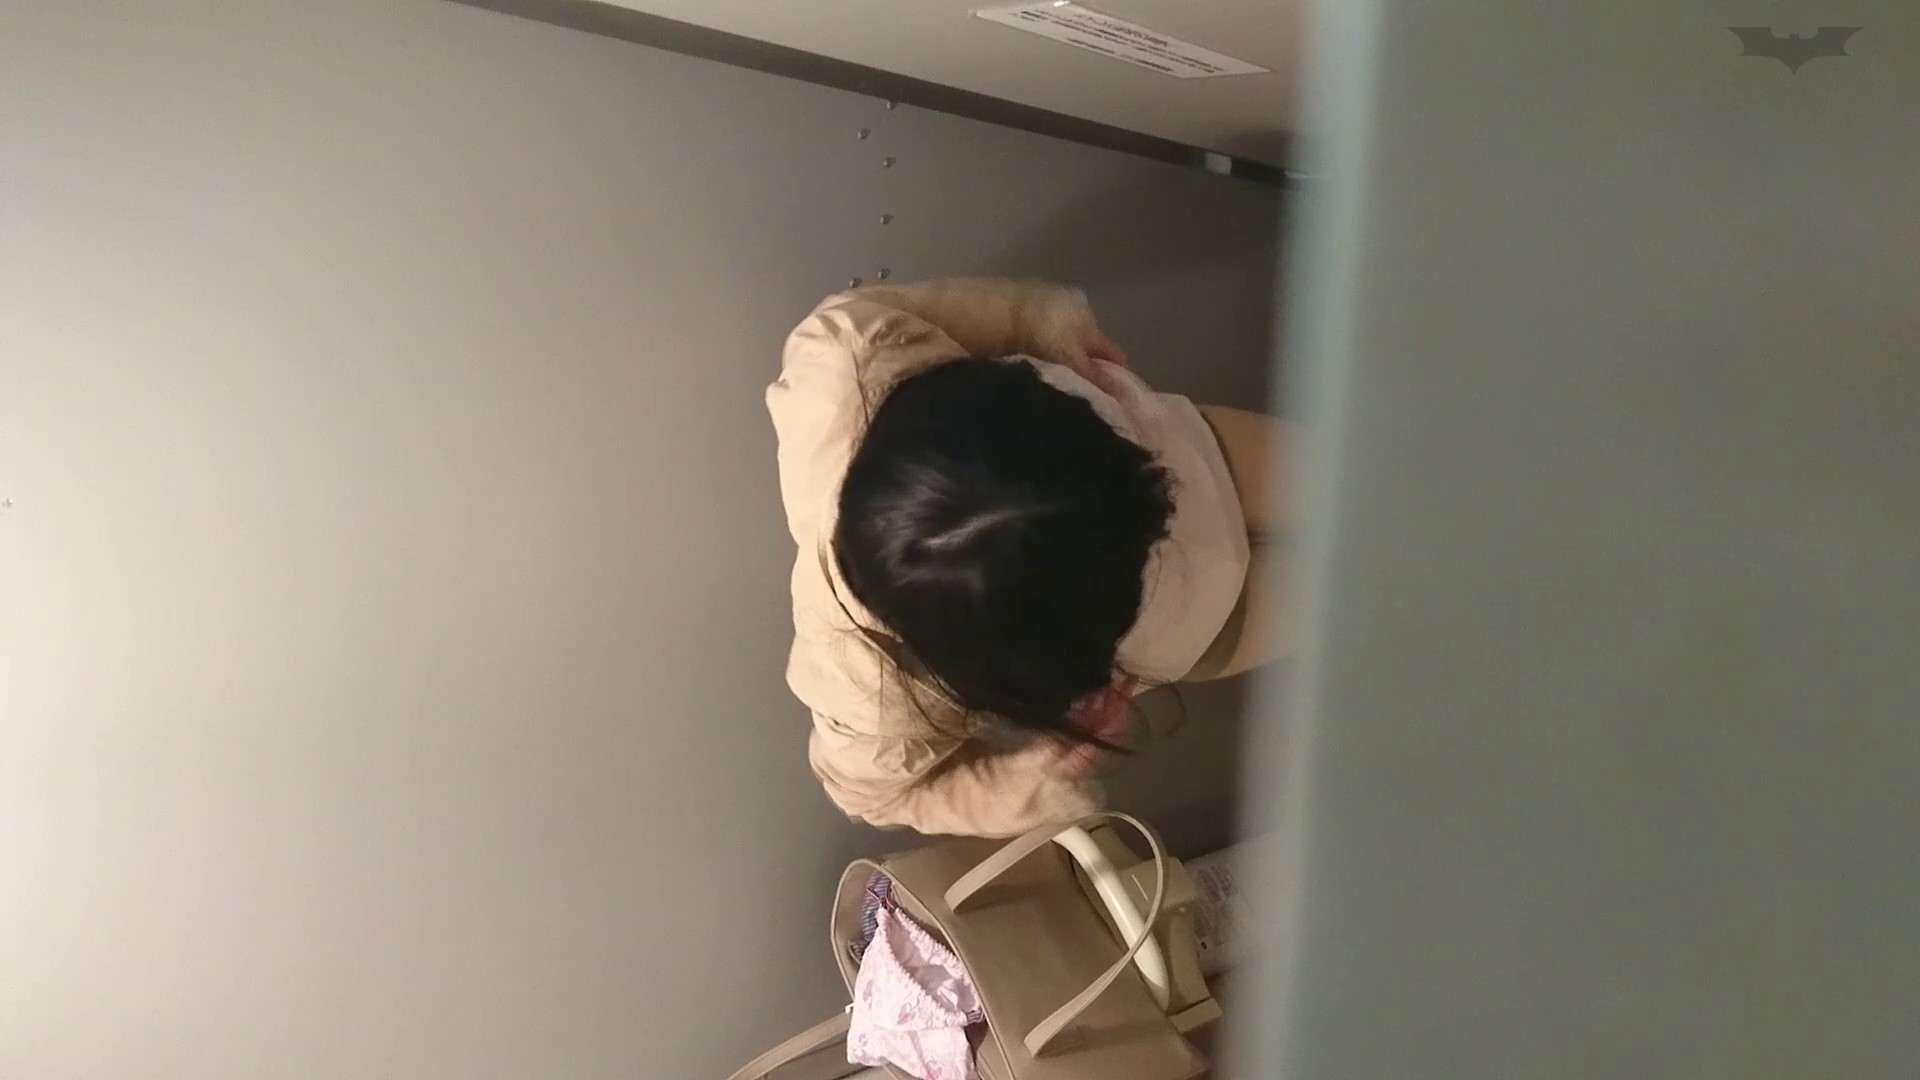 化粧室絵巻 ショッピングモール編 VOL.19 OL  93pic 65